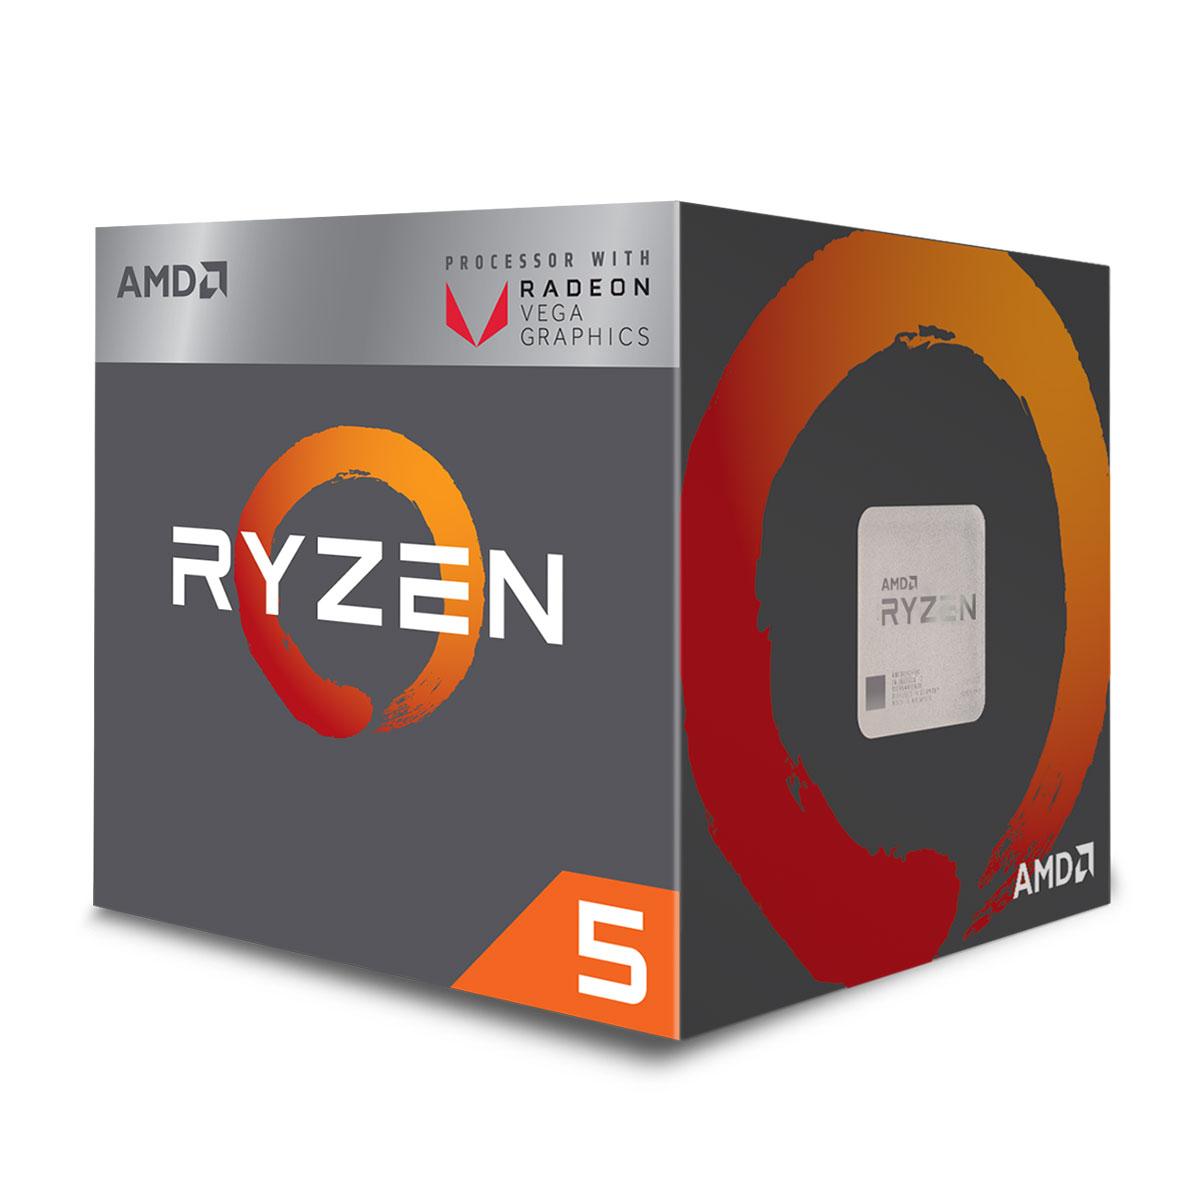 Processeur AMD Ryzen 5 2400G avec Ventilateur Wraith Stealth - Radeon RX Vega 11 (3.6 GHz)